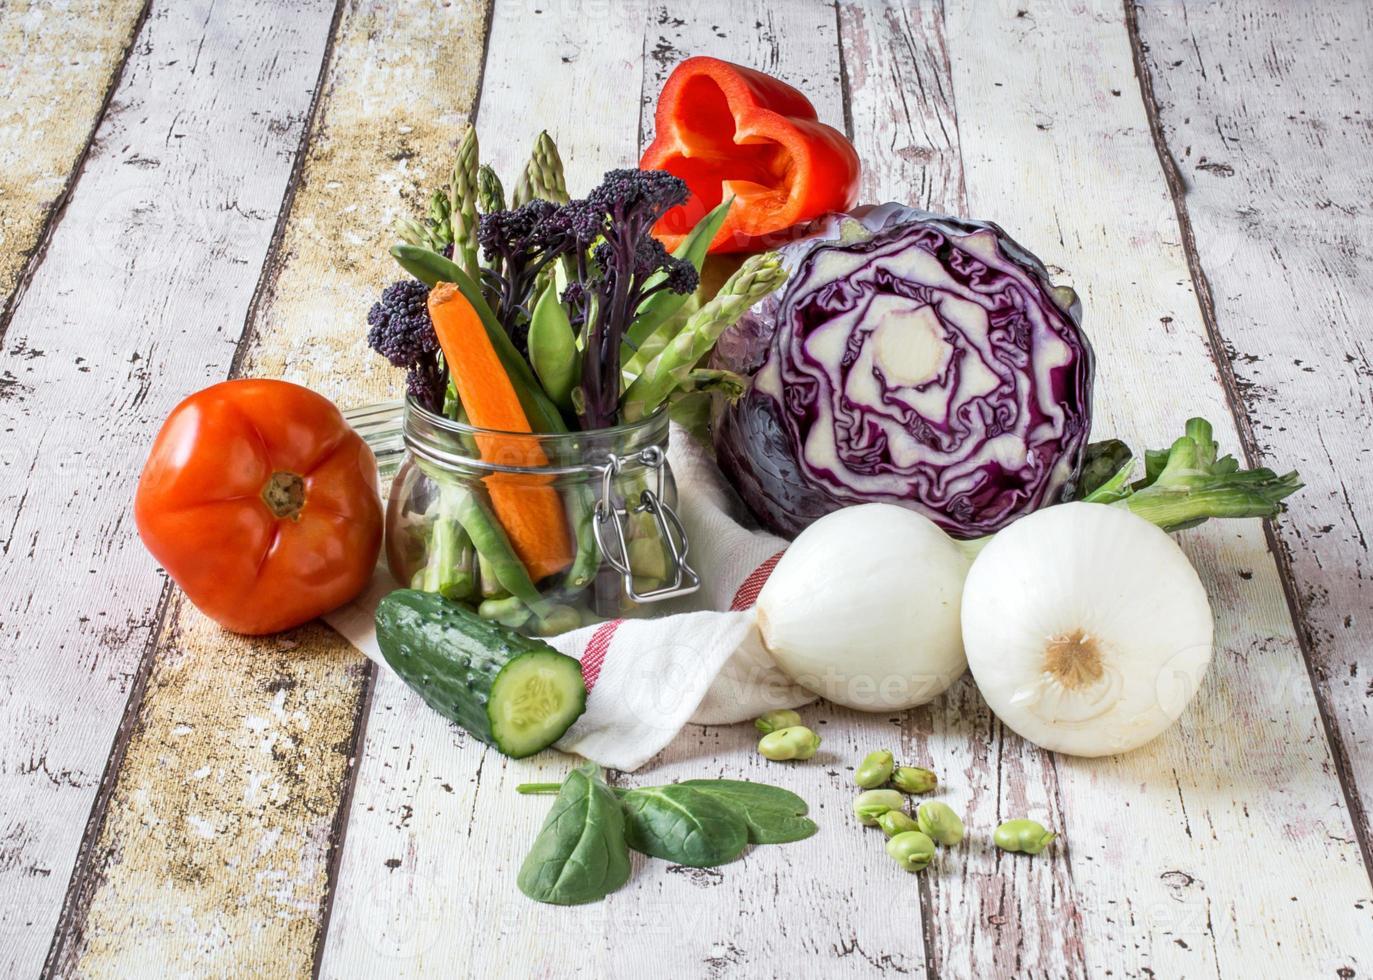 gezond eten van verse groenten foto